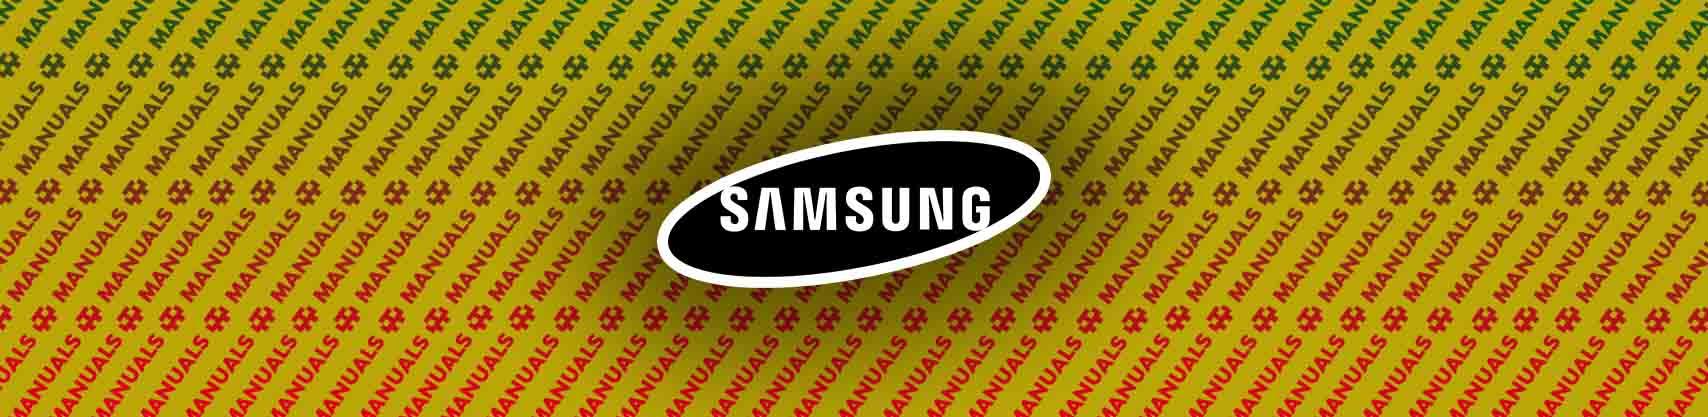 Samsung UN50KU6300 Manual